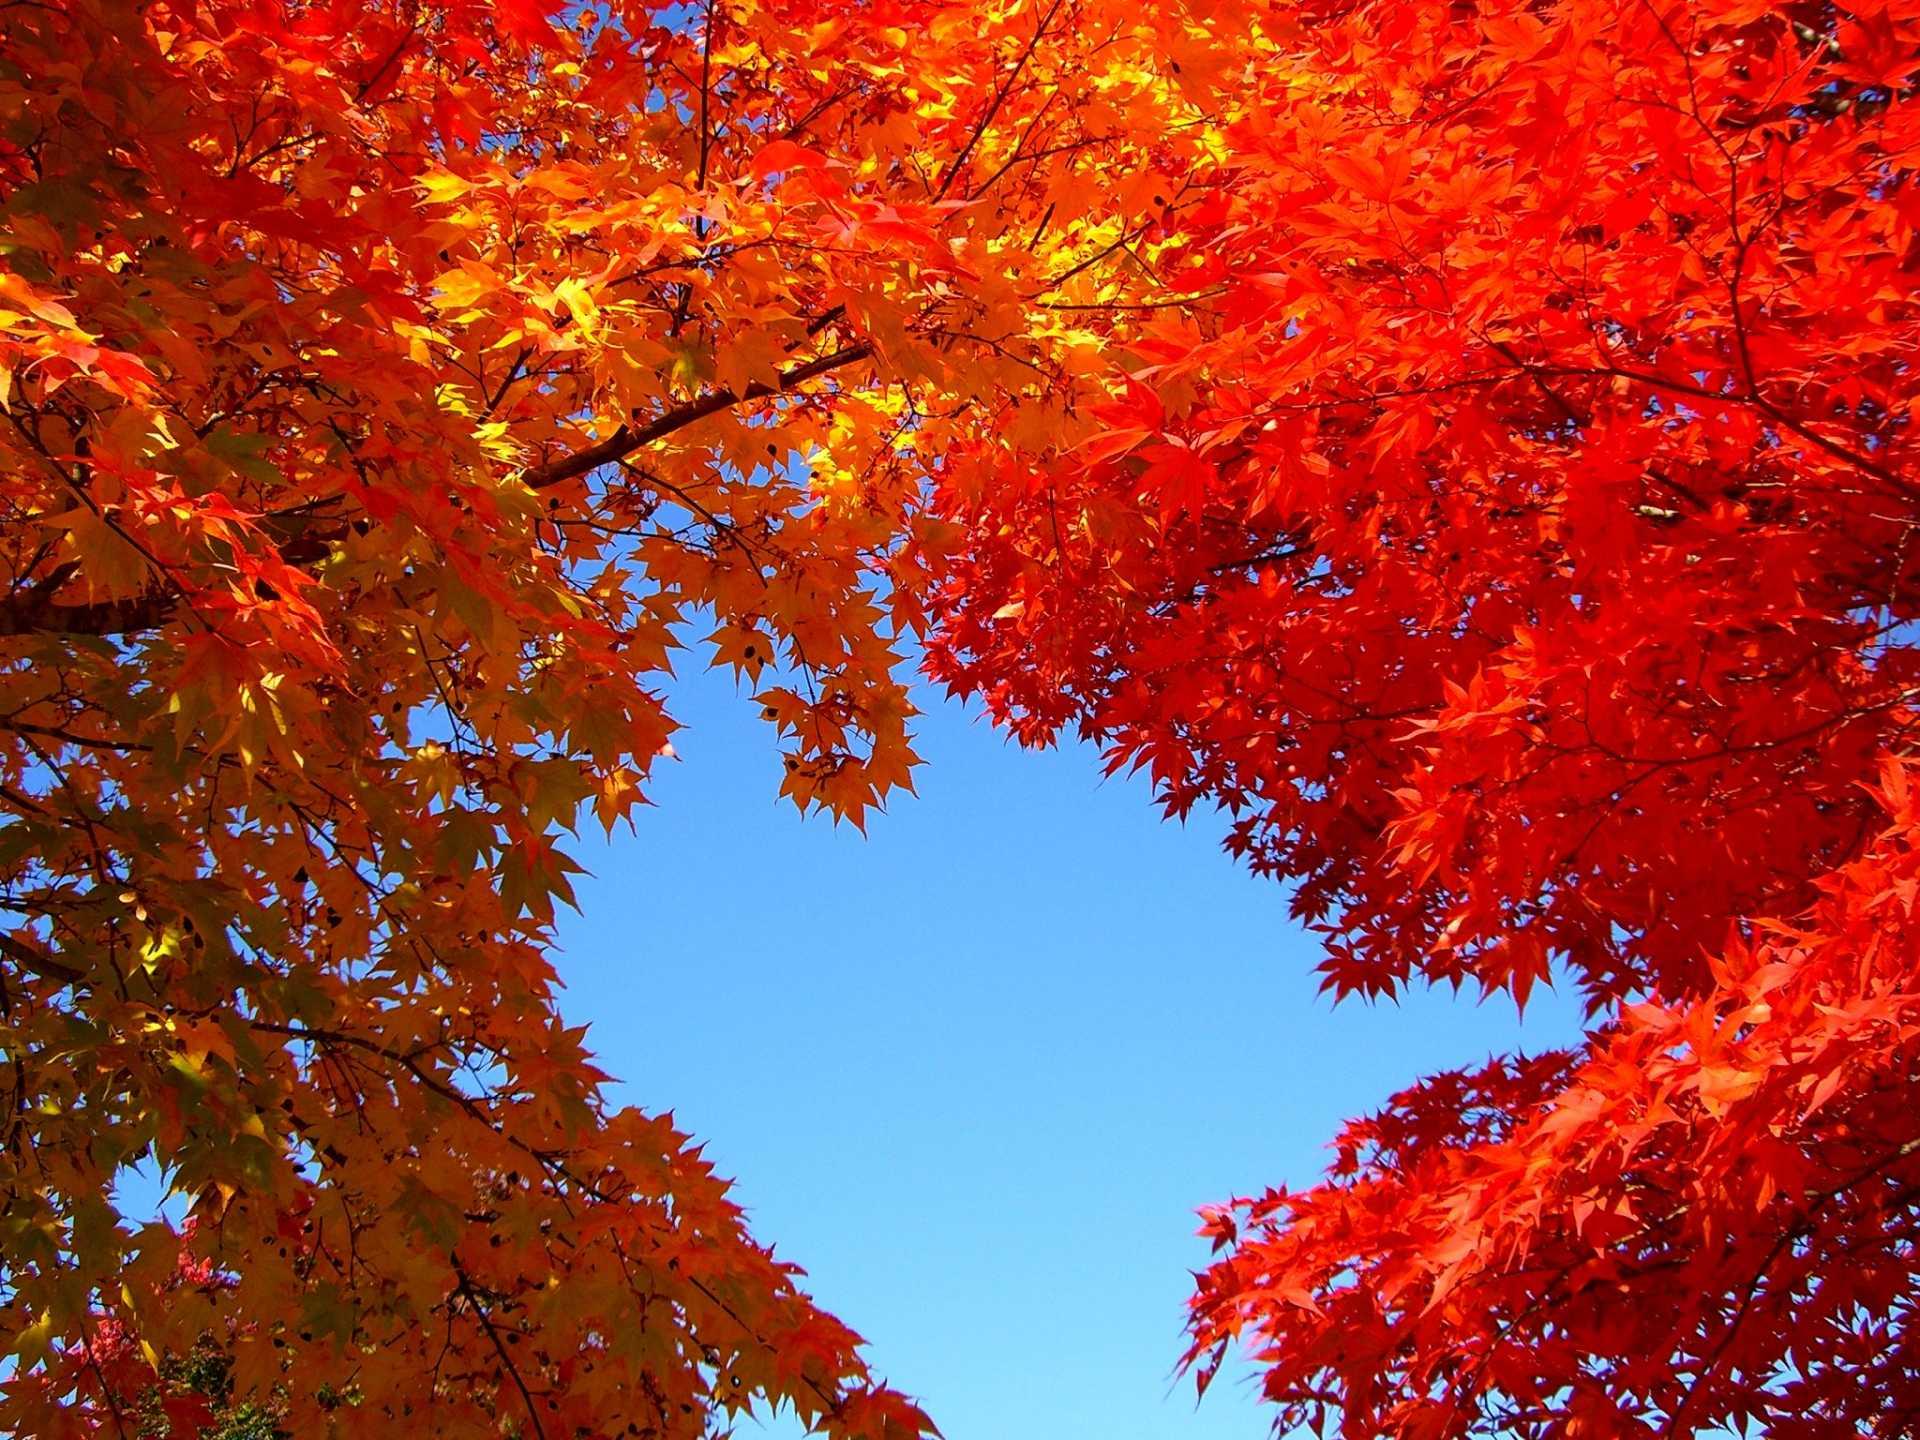 秋天樹木變色後這裡會更加美麗